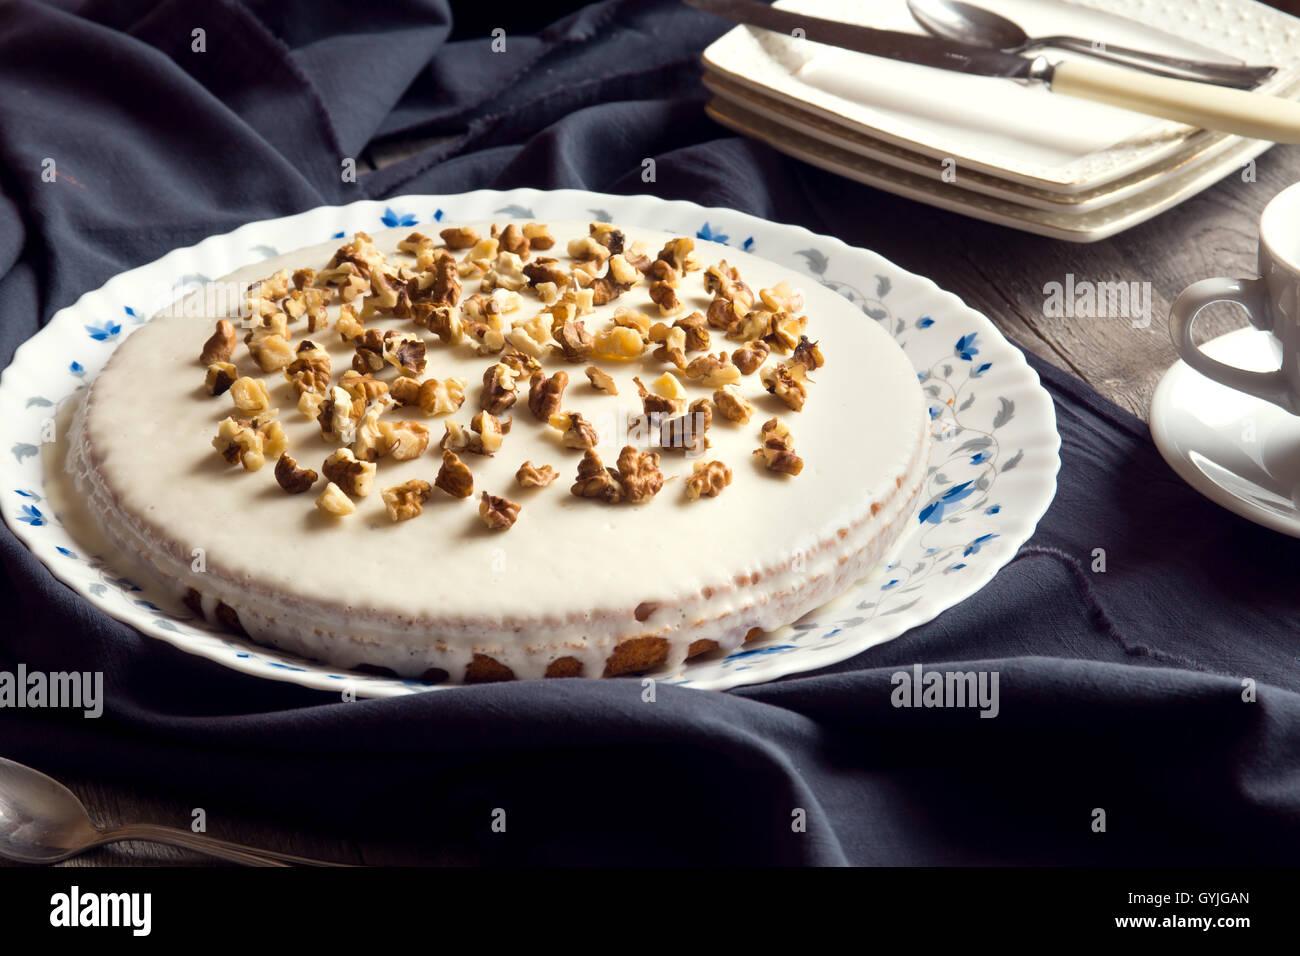 Pastel de calabaza y nuez casero con crema de hielo sobre mesa de madera rústica - repostería casera saludable Imagen De Stock